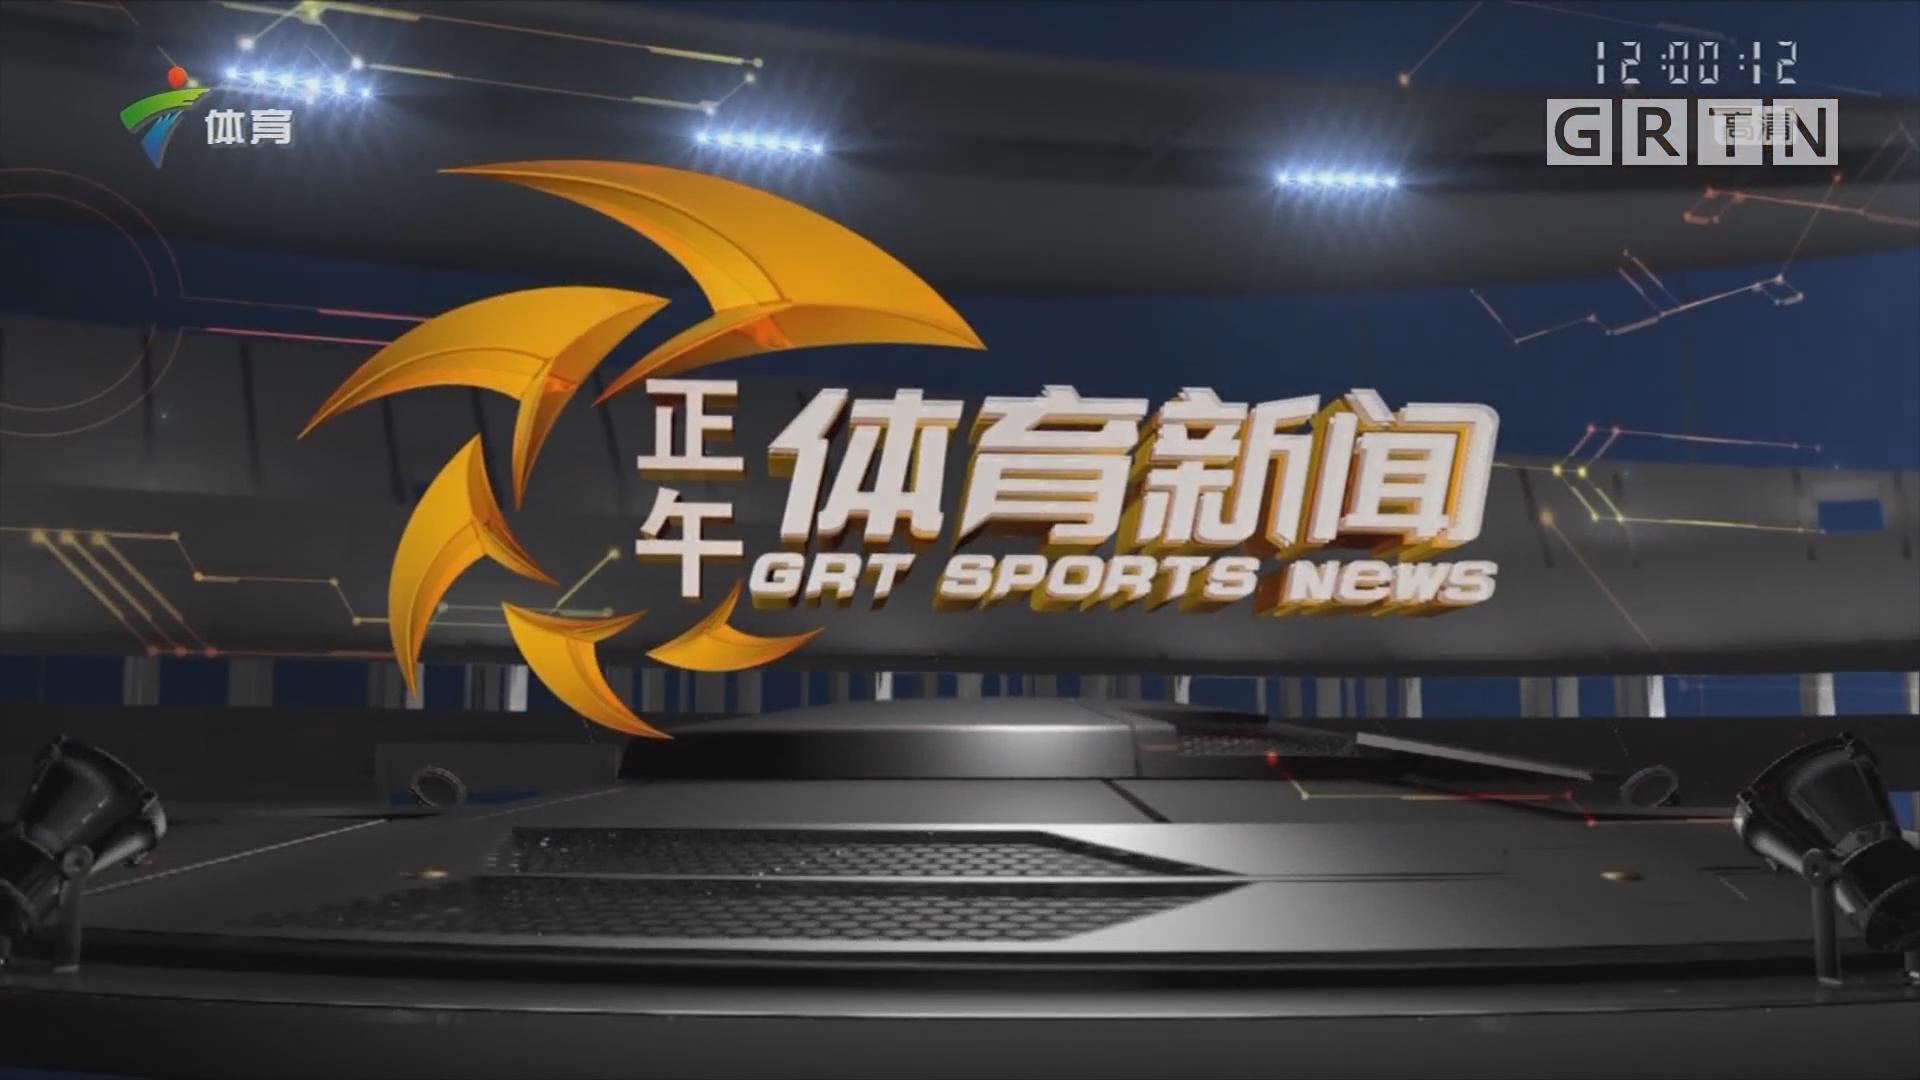 [HD][2019-11-28]正午体育新闻:保利尼奥两球 恒大作客击败河北华夏